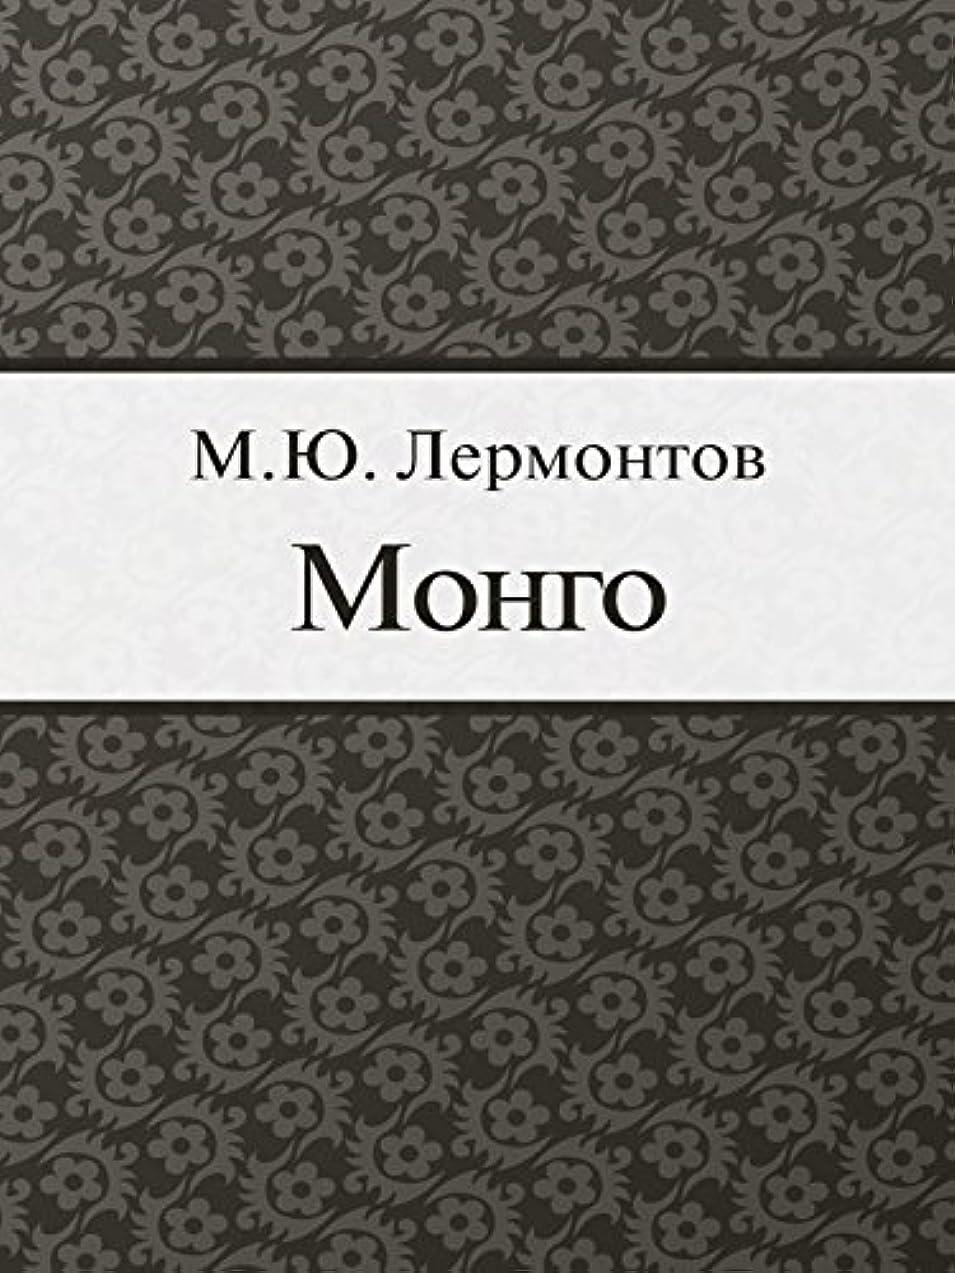 Монго (для взрослых) (Russian Edition)